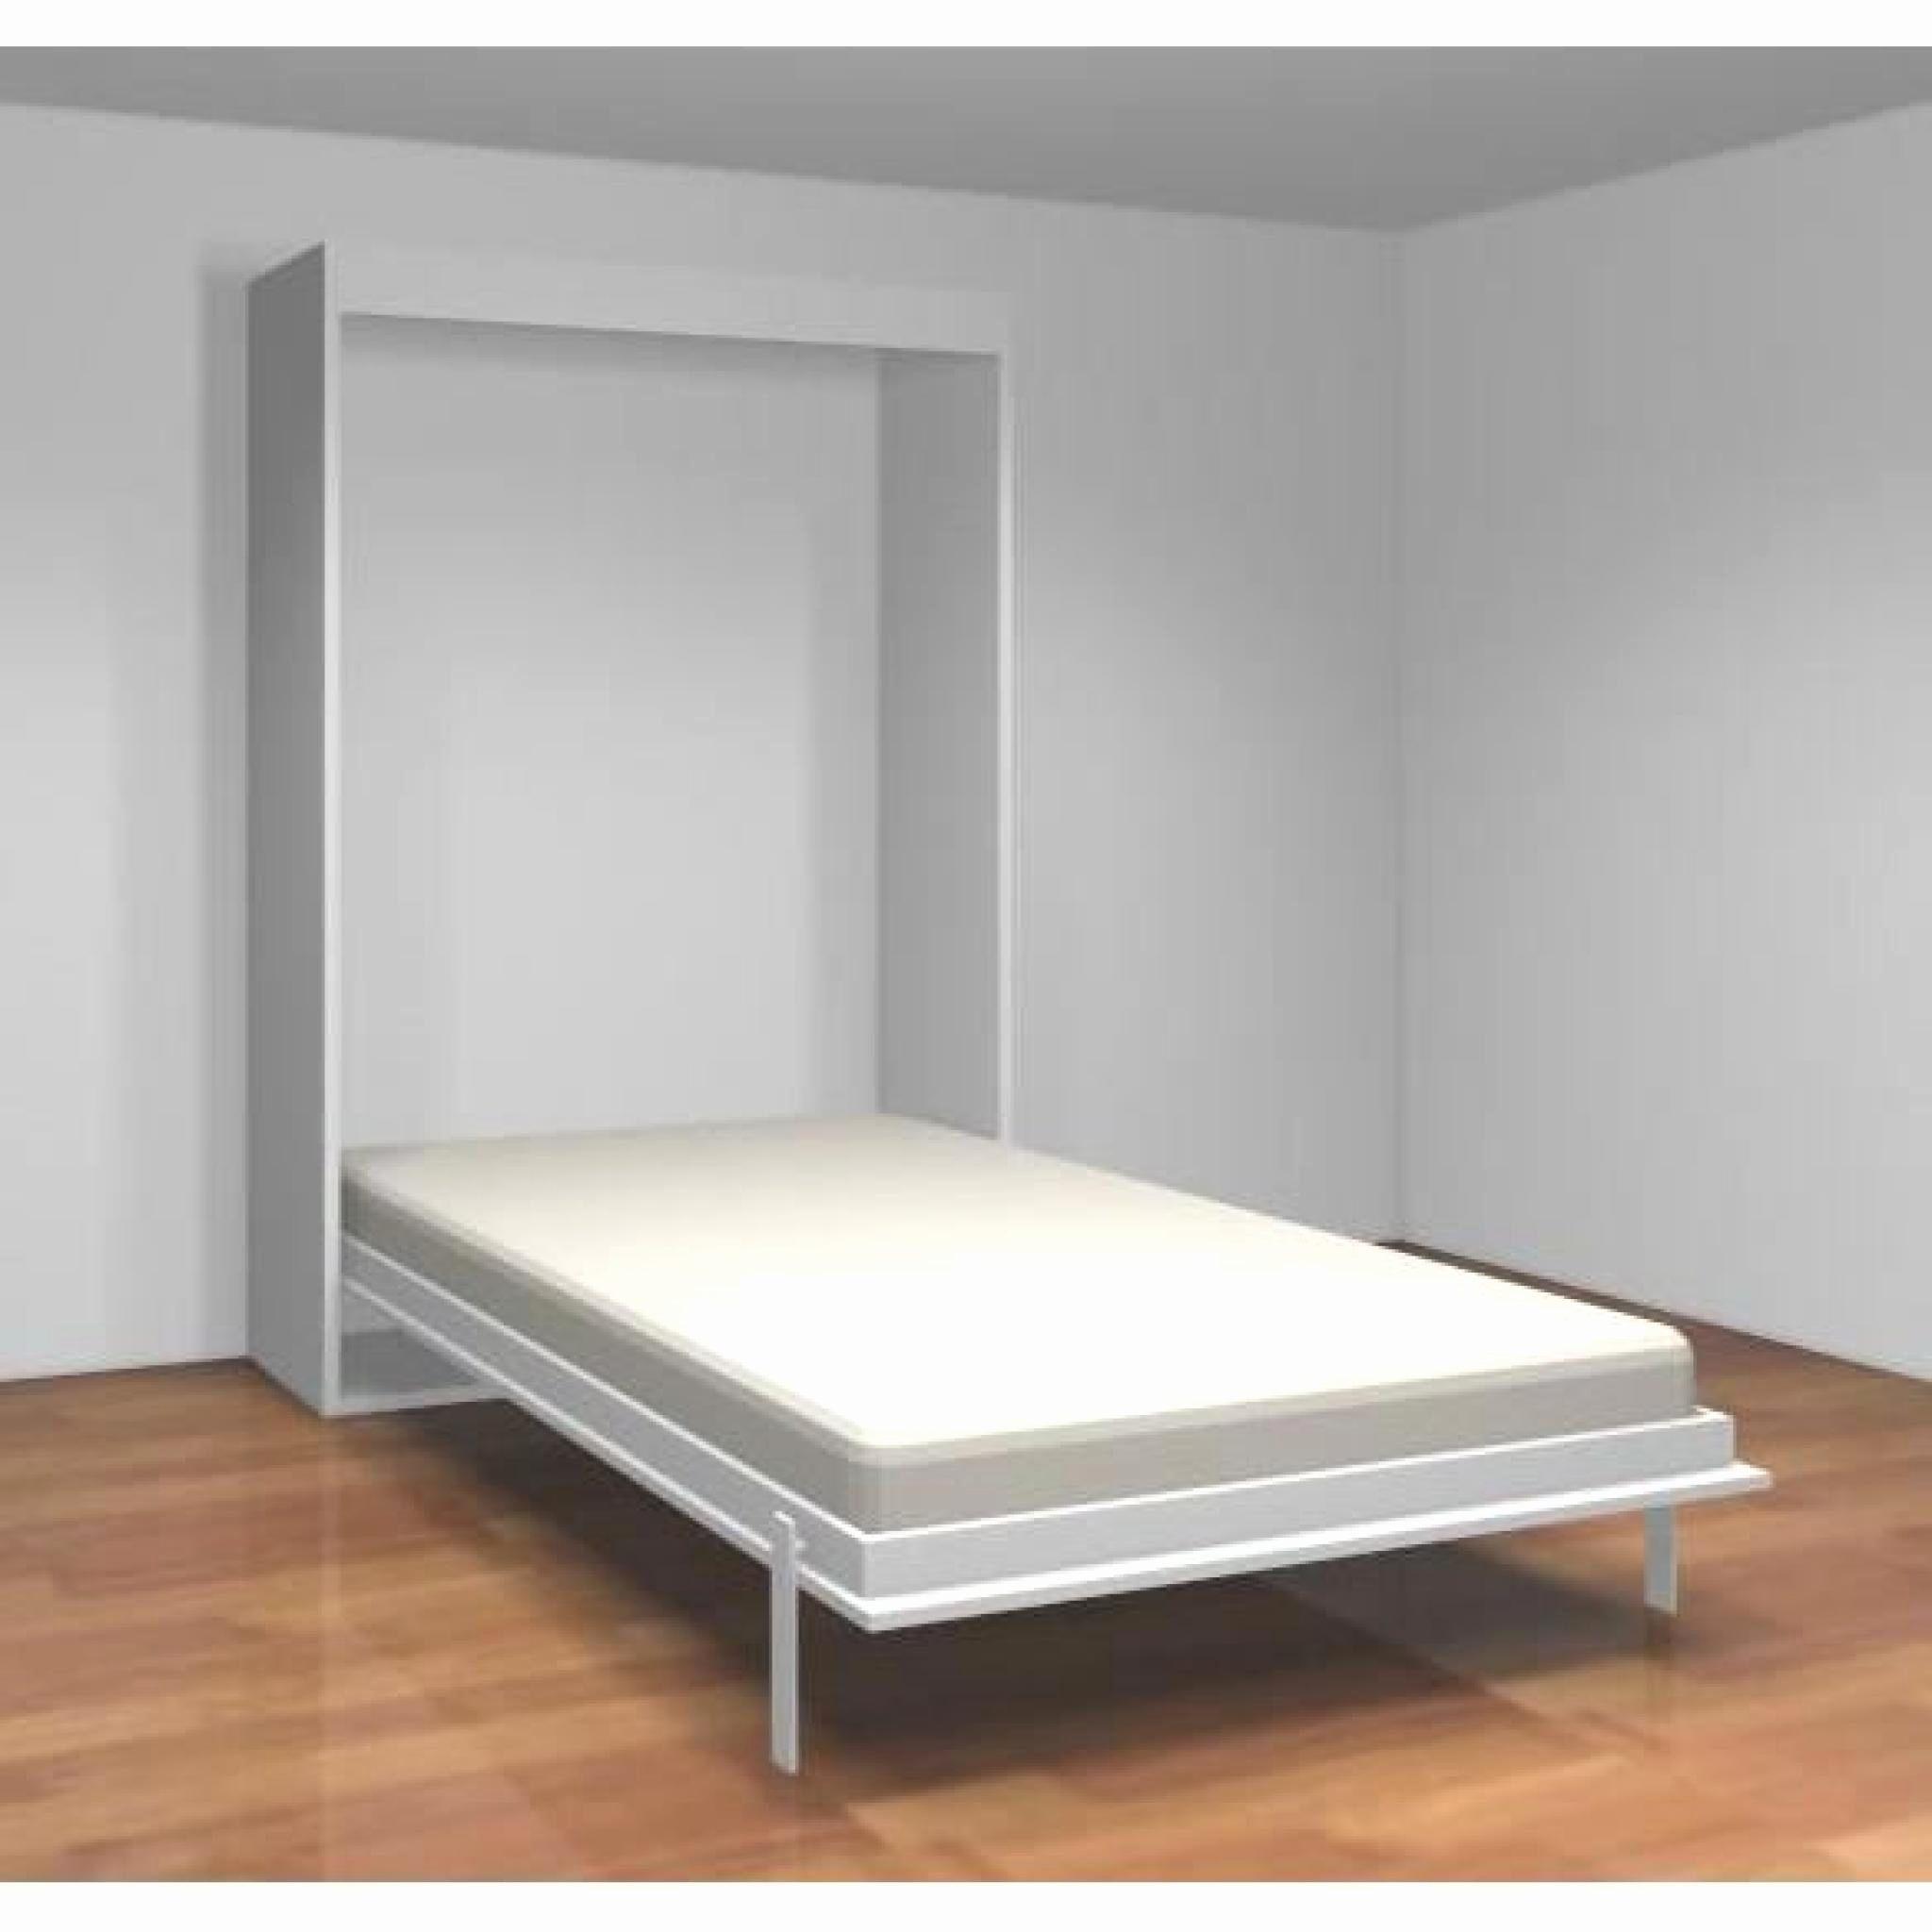 Lit Escamotable Pas Cher Inspirant Lit Mural Escamotable Ikea Nouveau Lit Escamotable Pas Cher Armoire